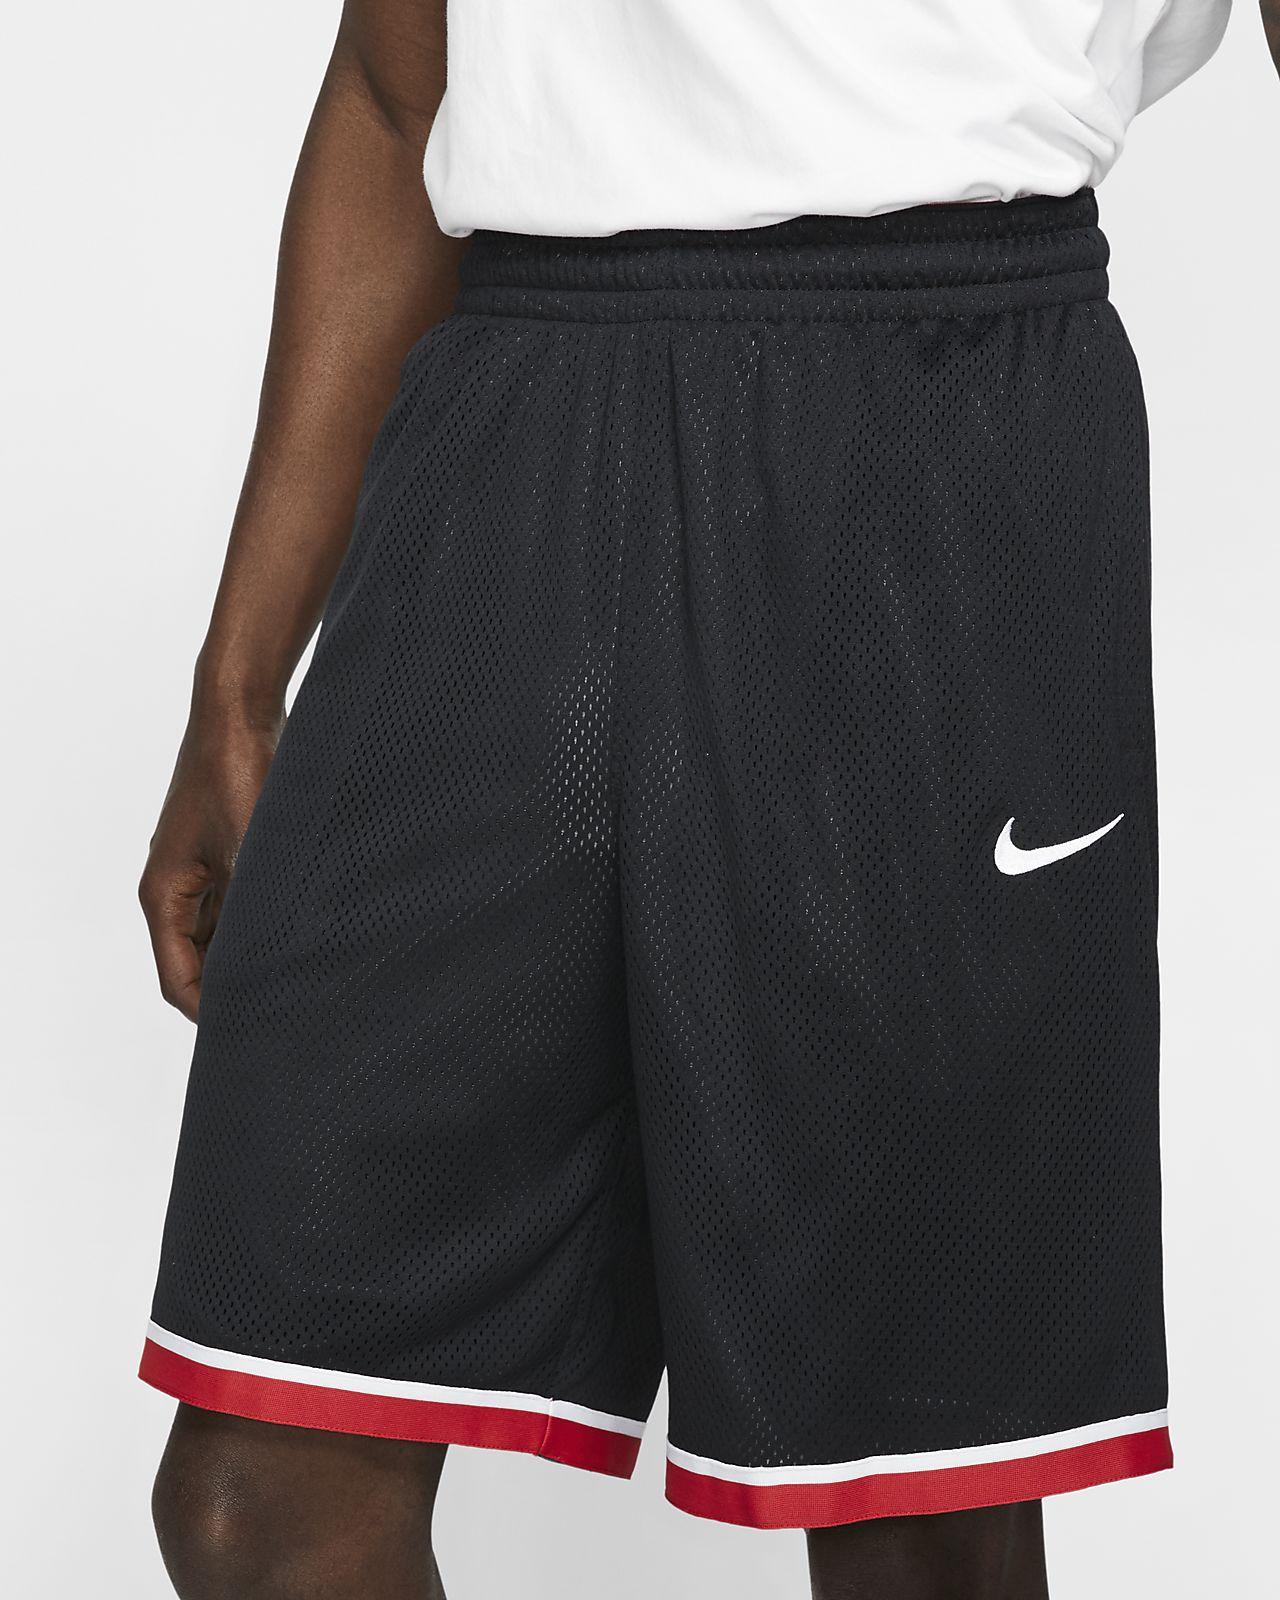 Nike Dri-FIT Classic férfi kosárlabdás rövidnadrág